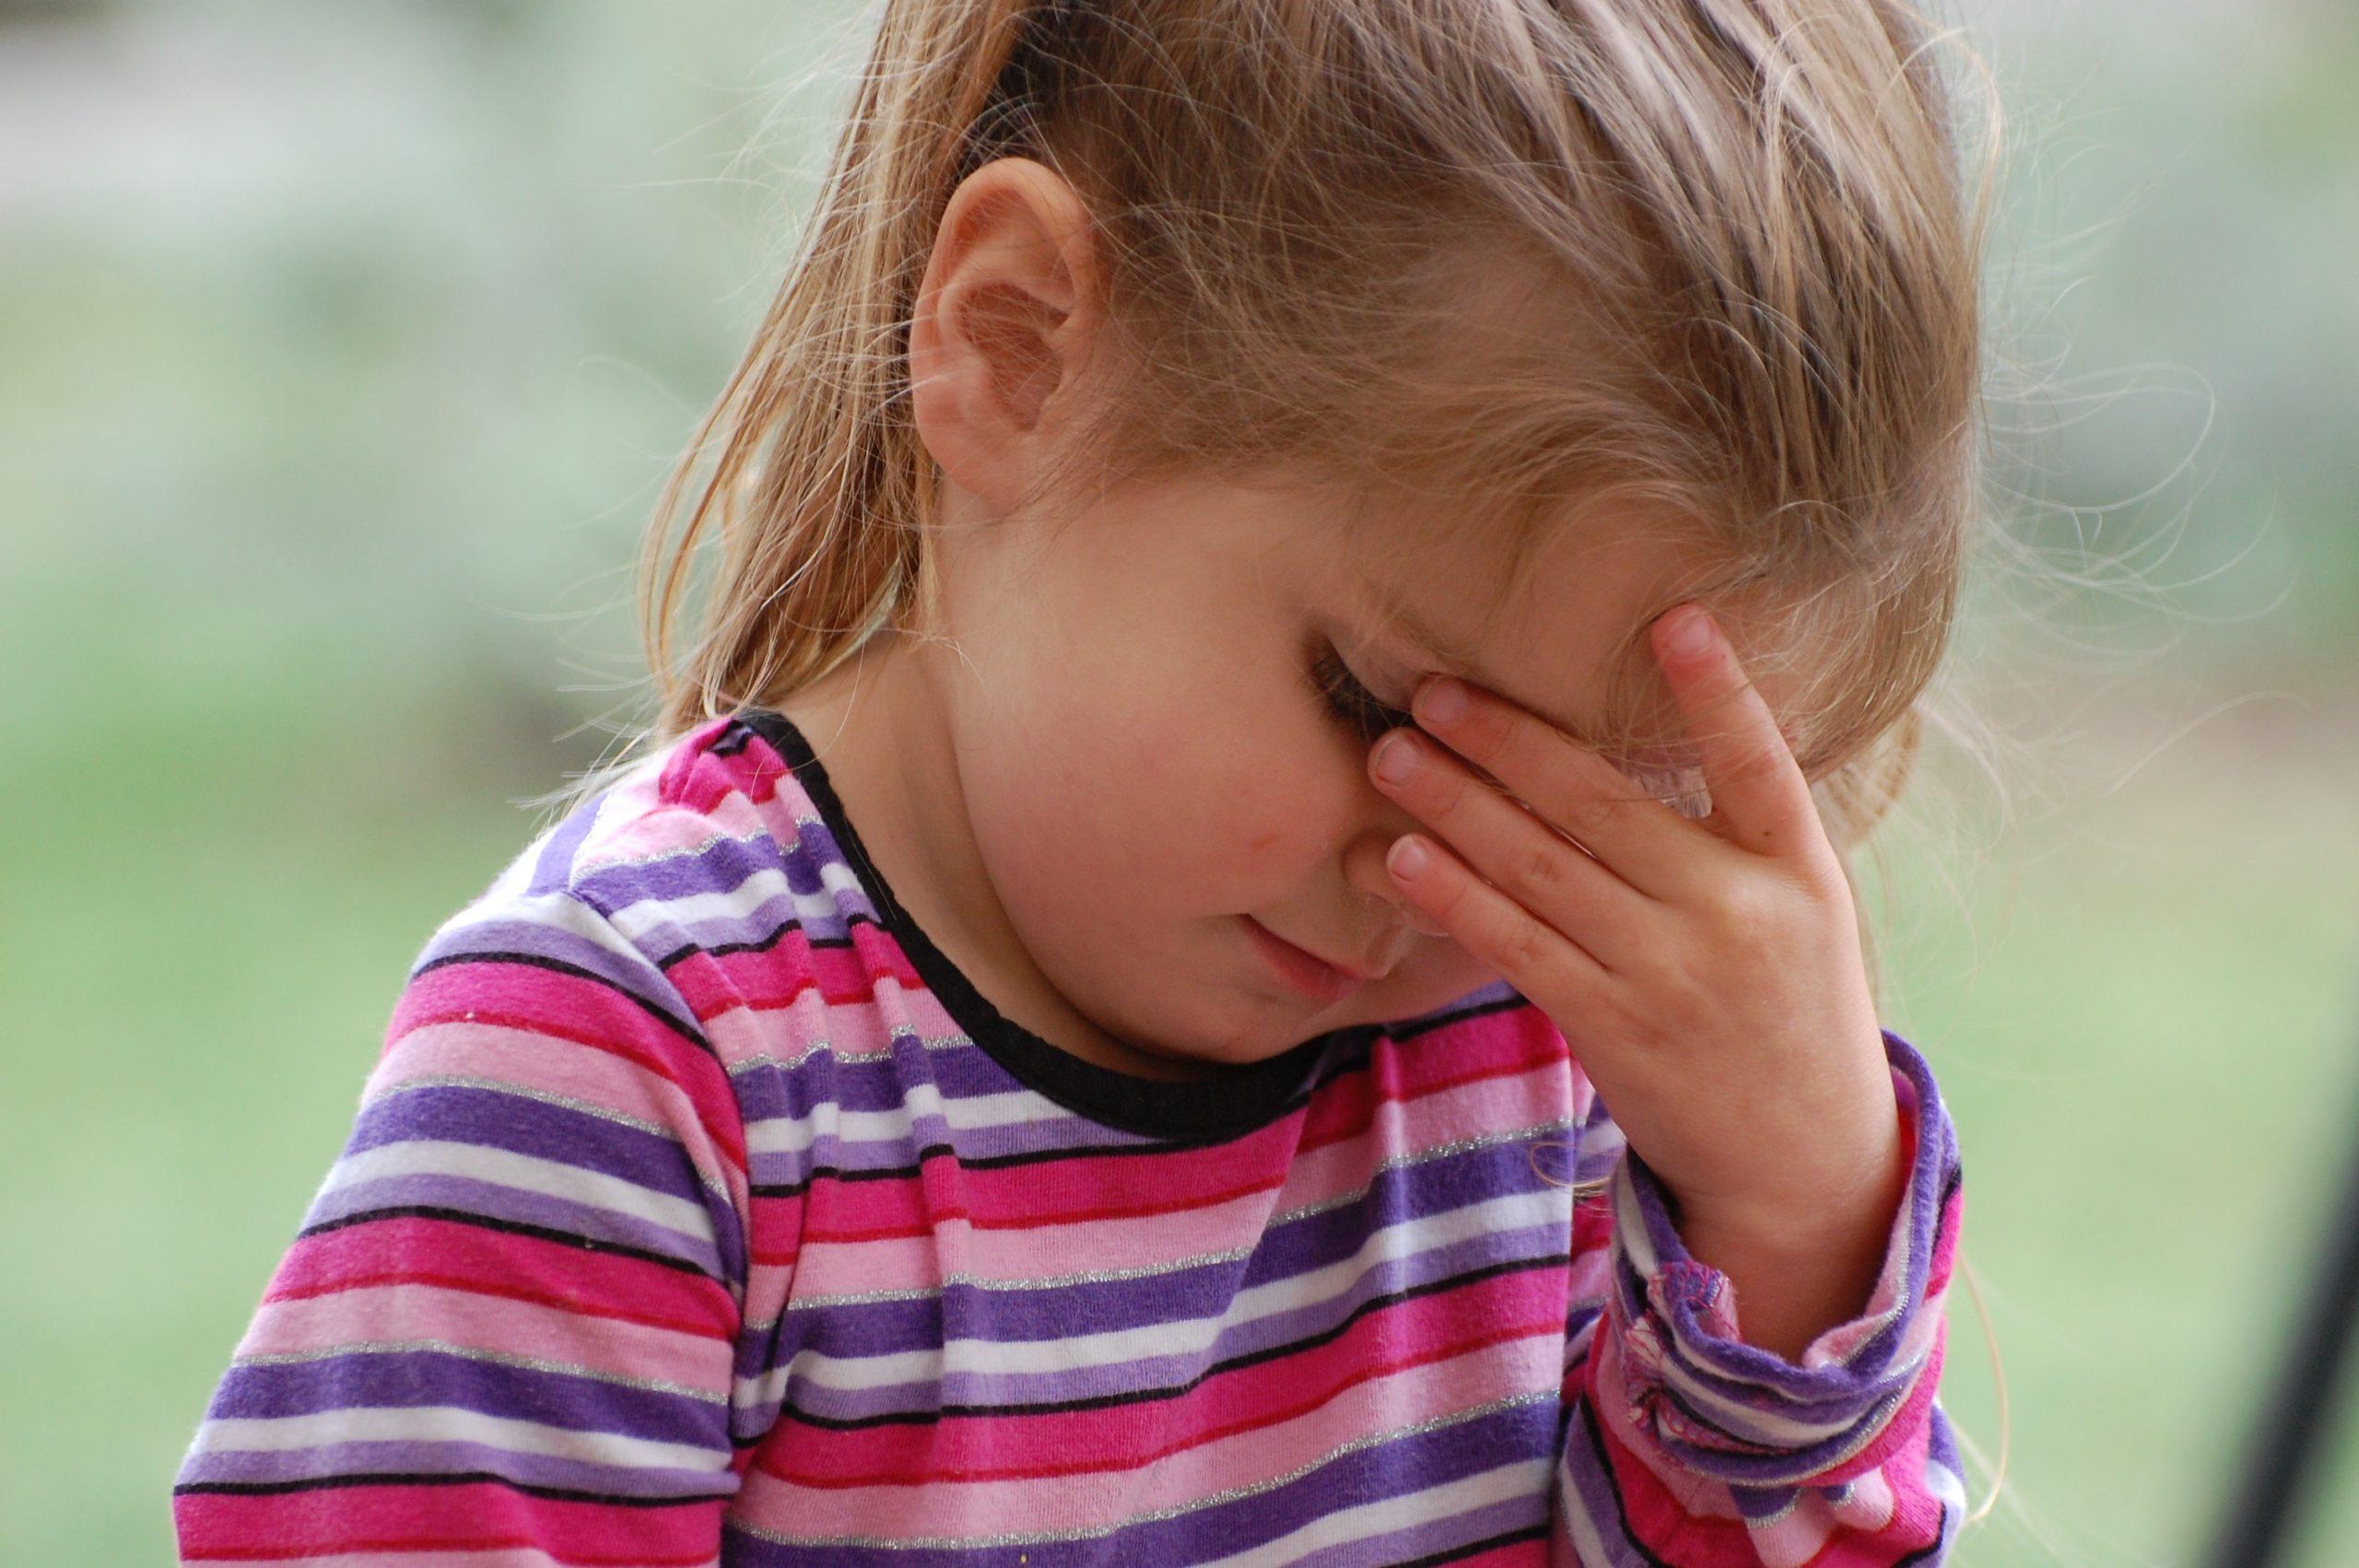 enfant se tenant la tete car il a mal à la tete